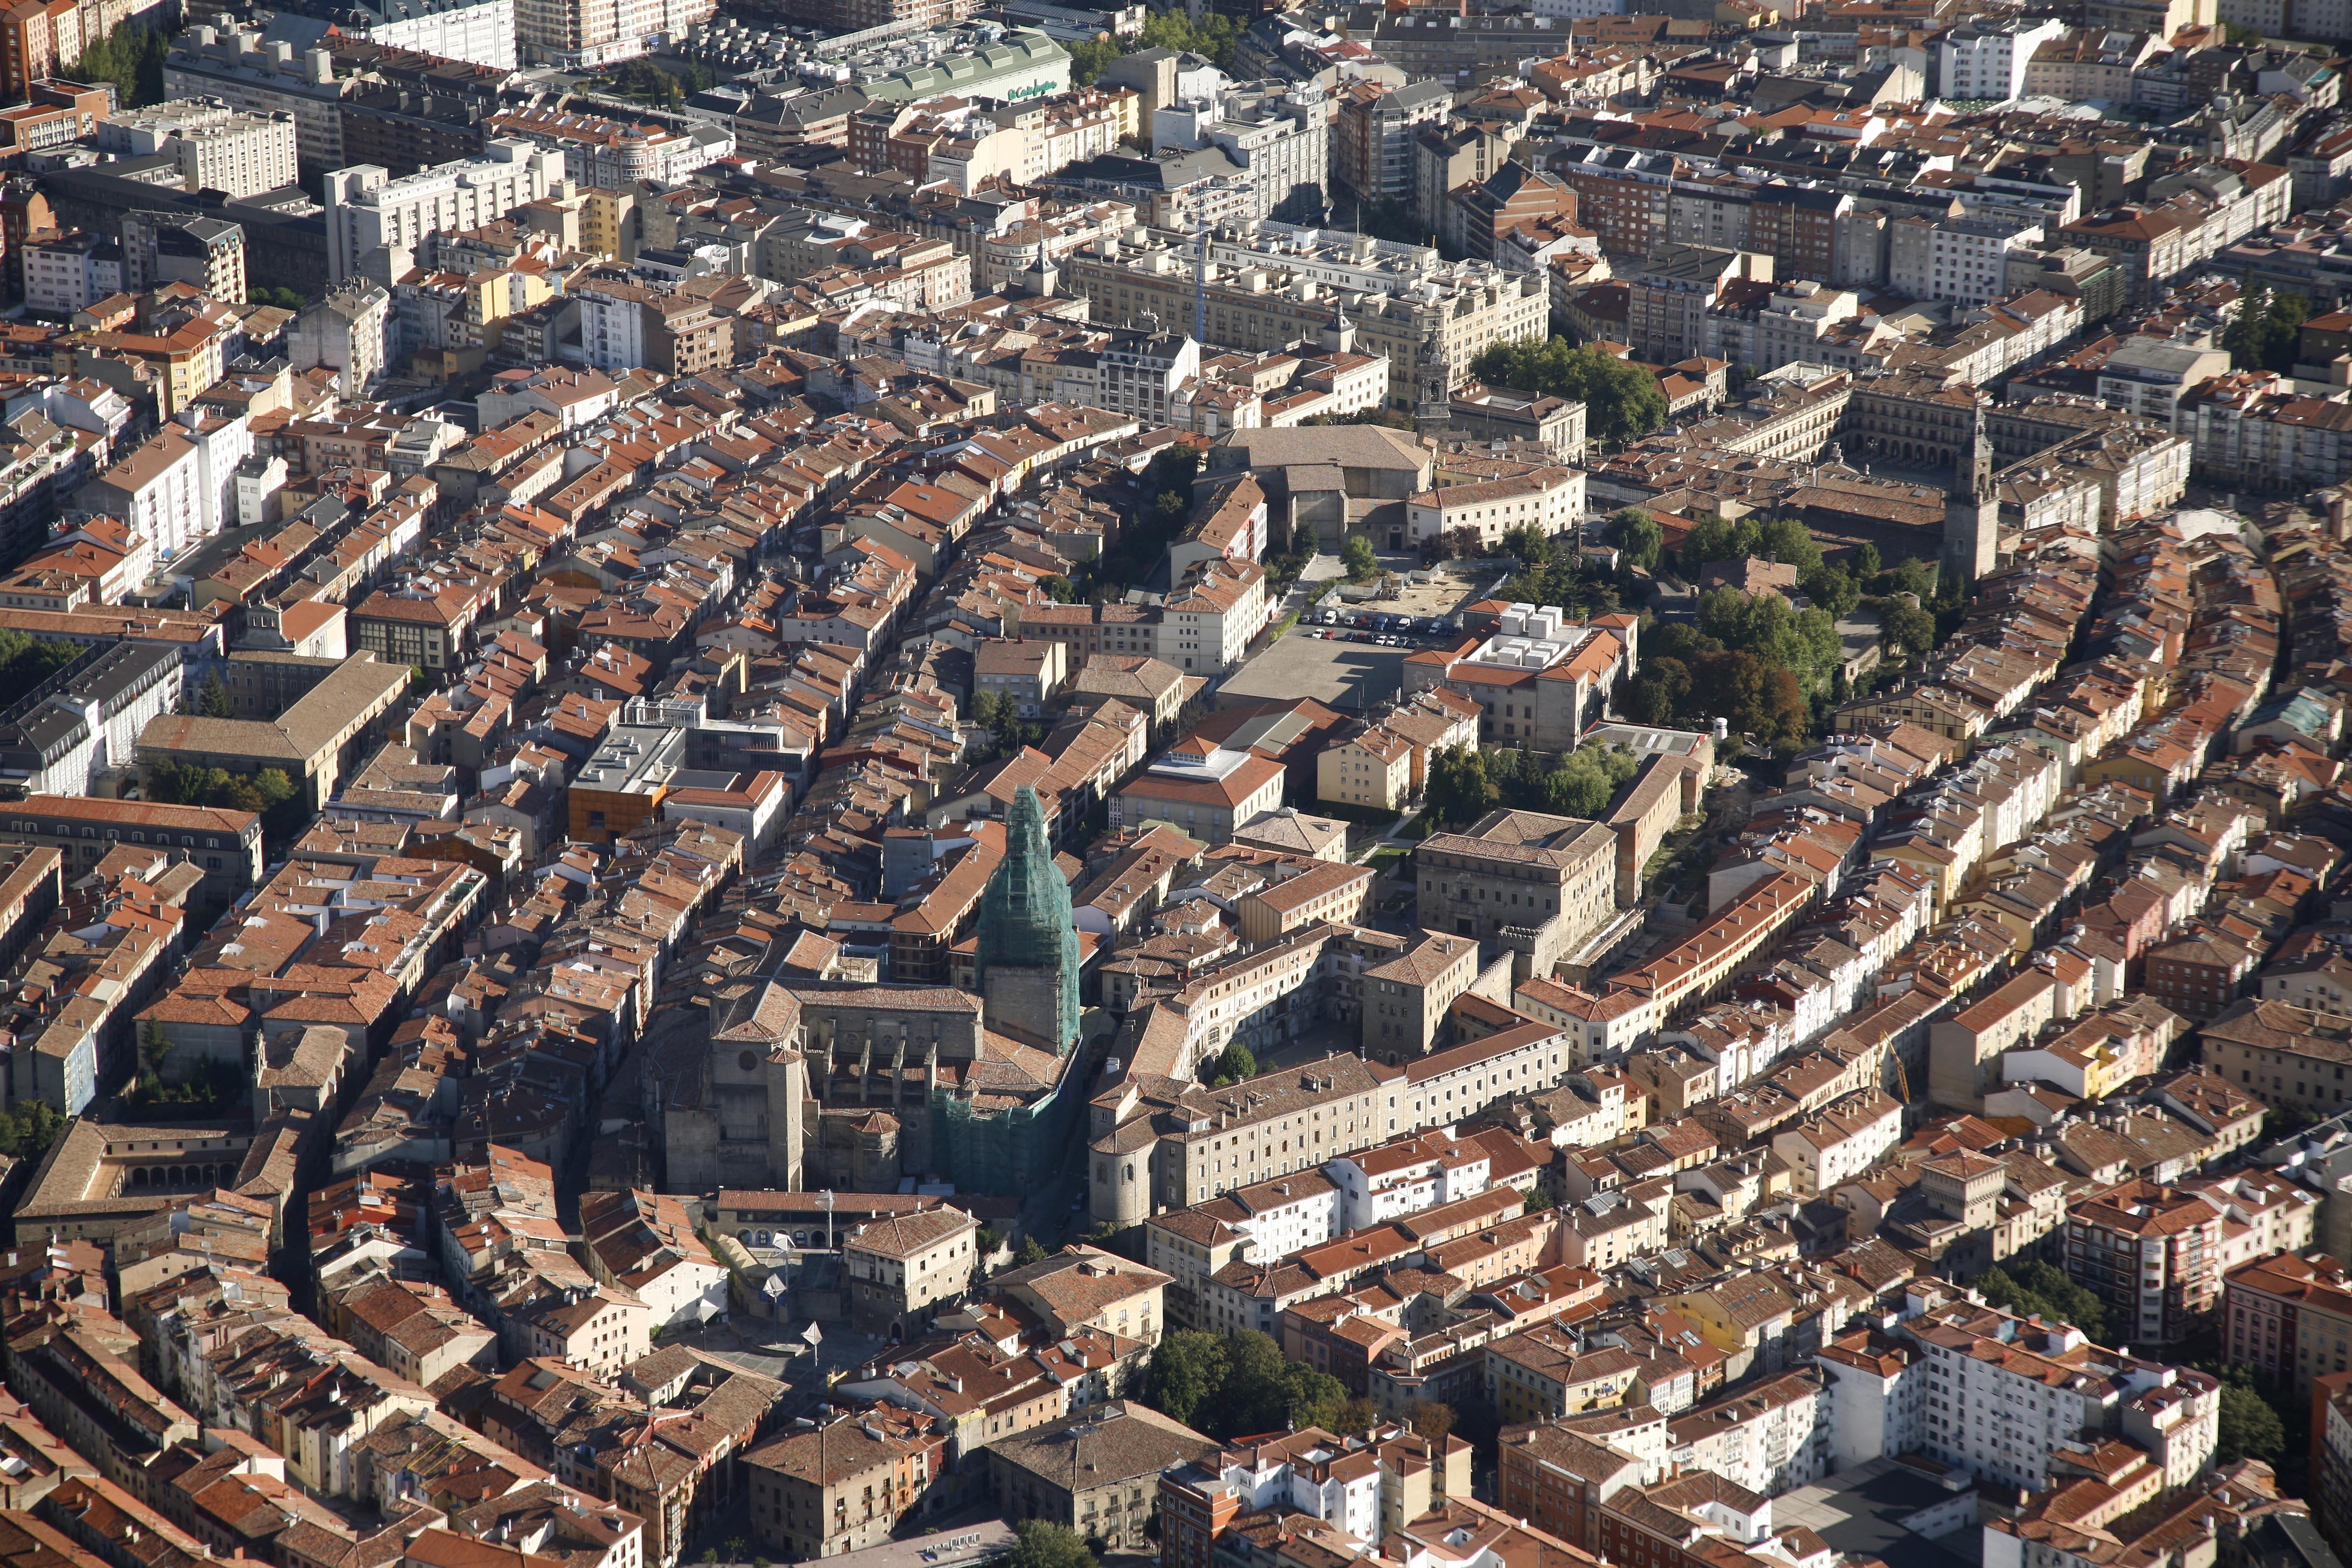 Vue des toits du vieux quartier, en forme d'amande, d'une des villes partenaires, Vitoria Gasteiz